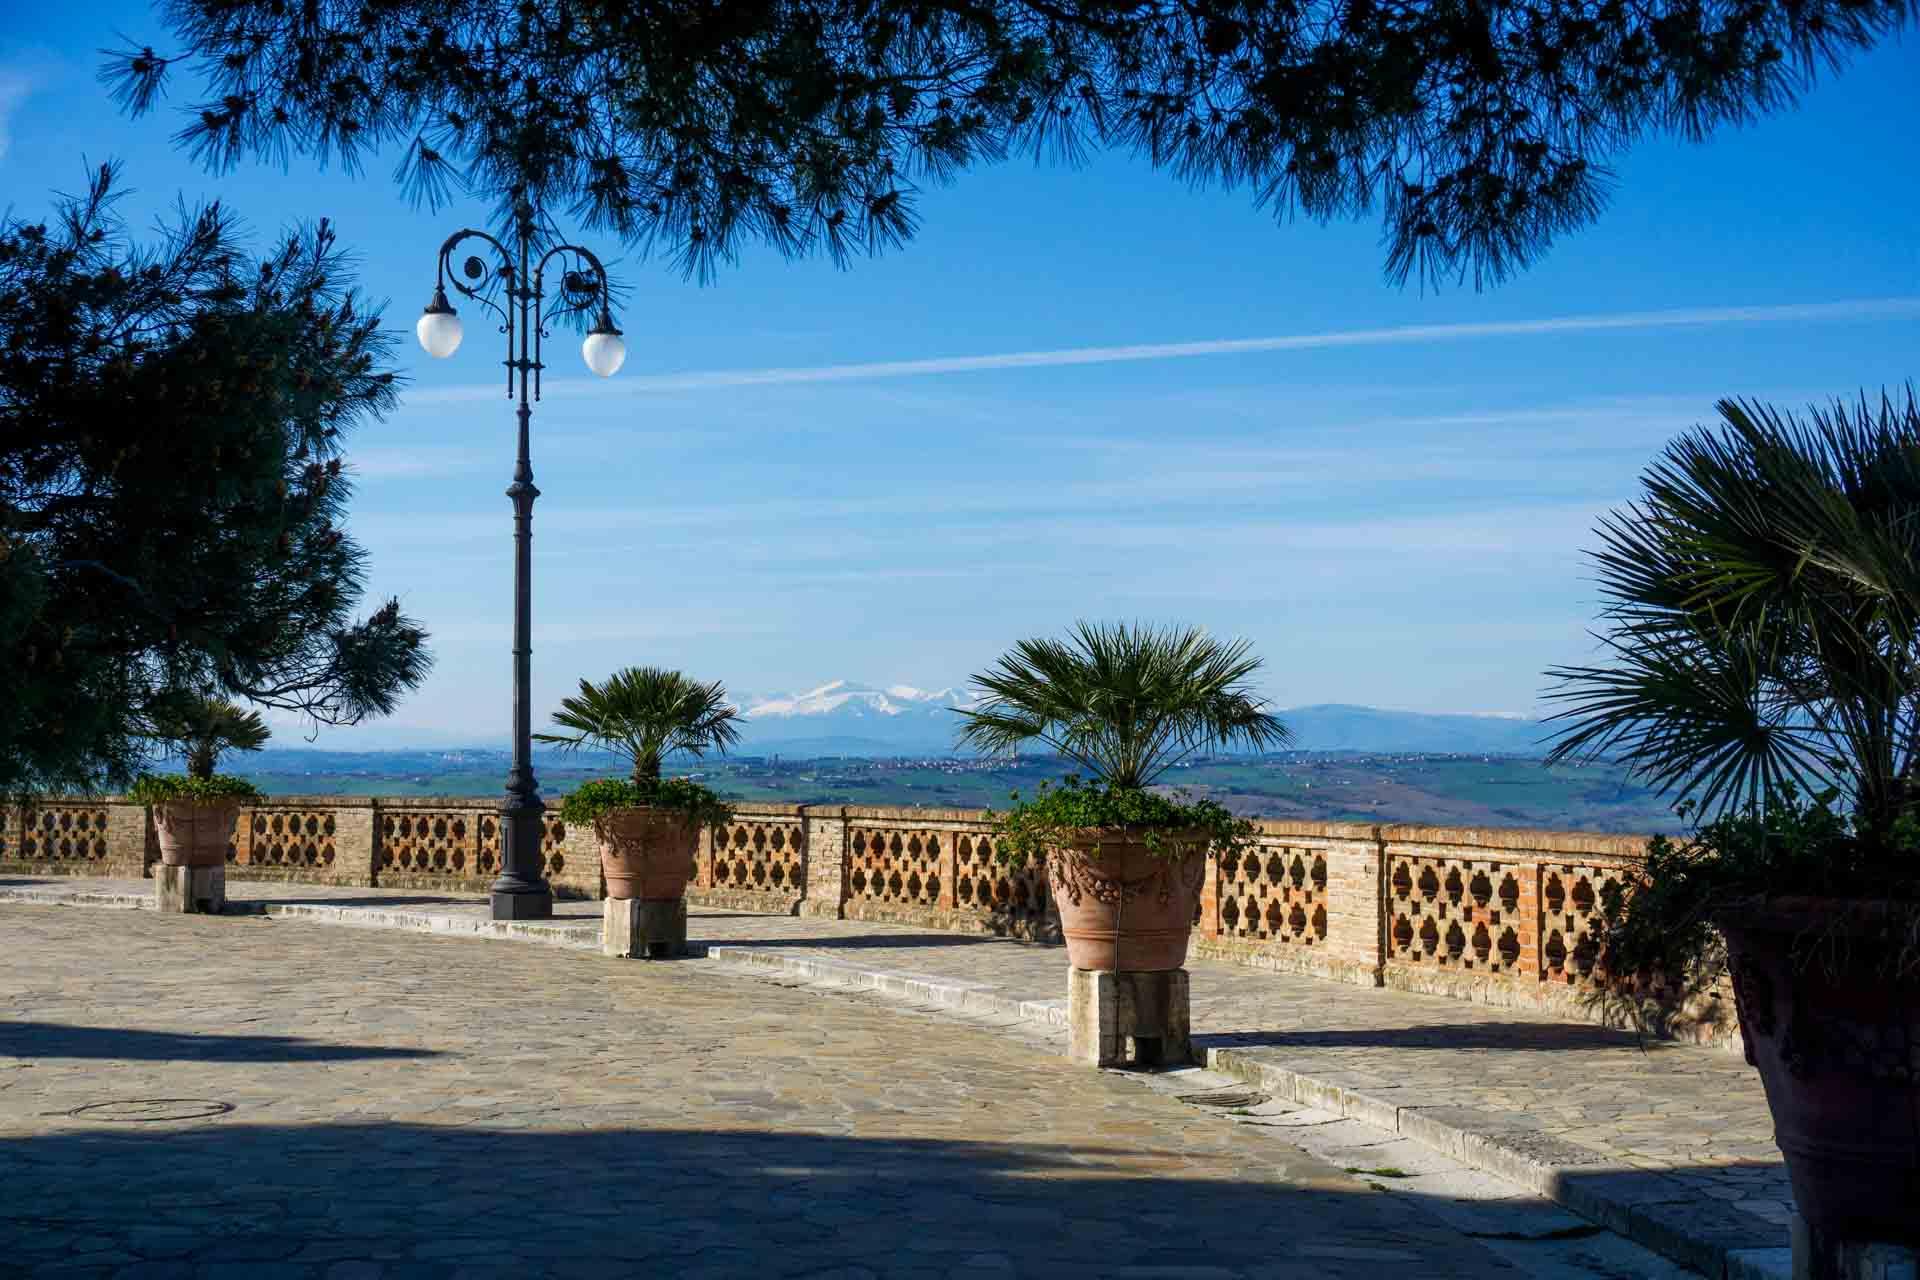 Giardini Pubblici con sullo sfondo la catena dei Sibillini – © Sauro Strappato